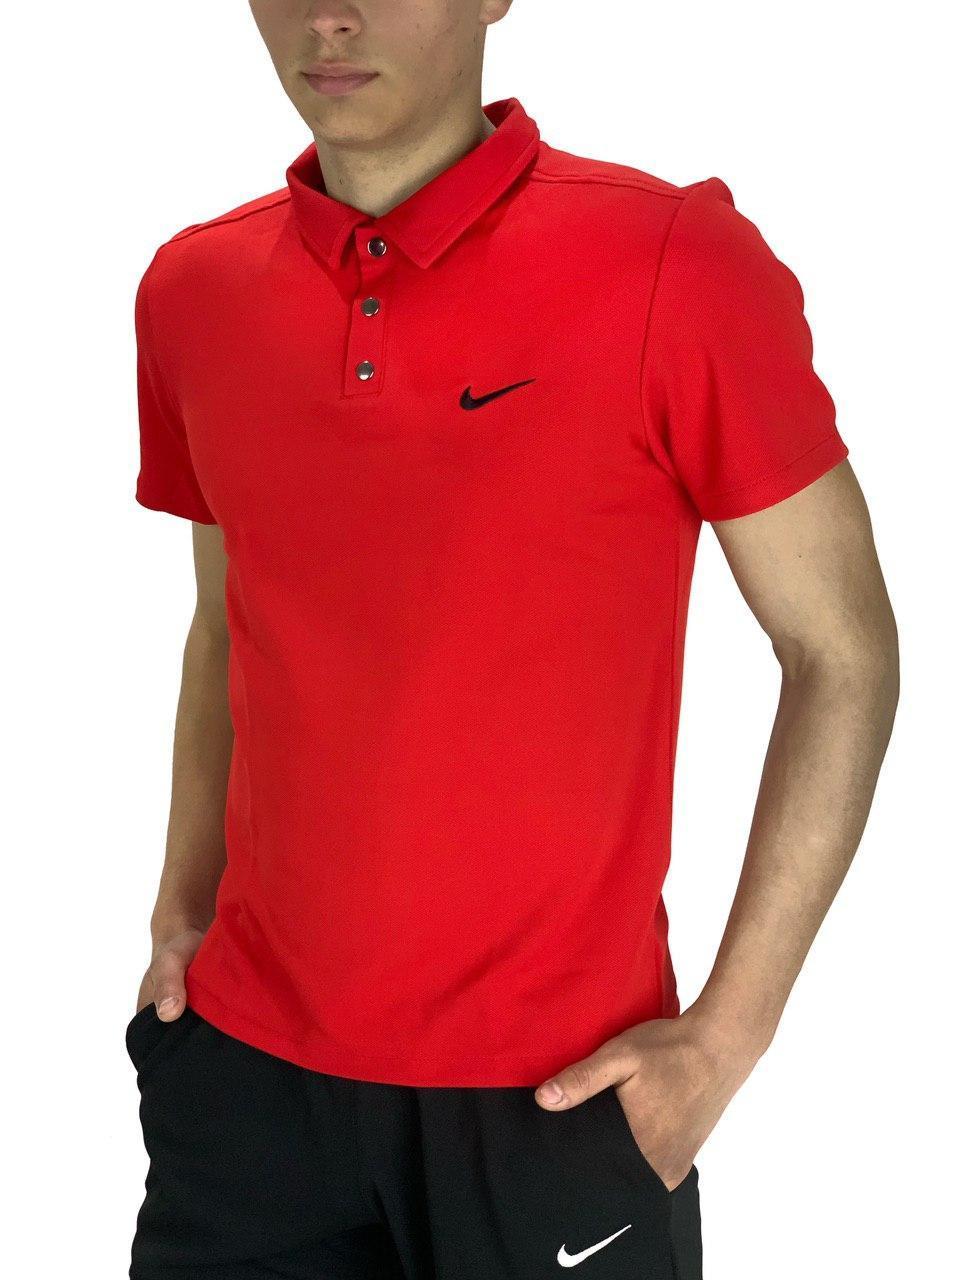 Футболка Поло Мужская красная в стиле Nike (Найк)